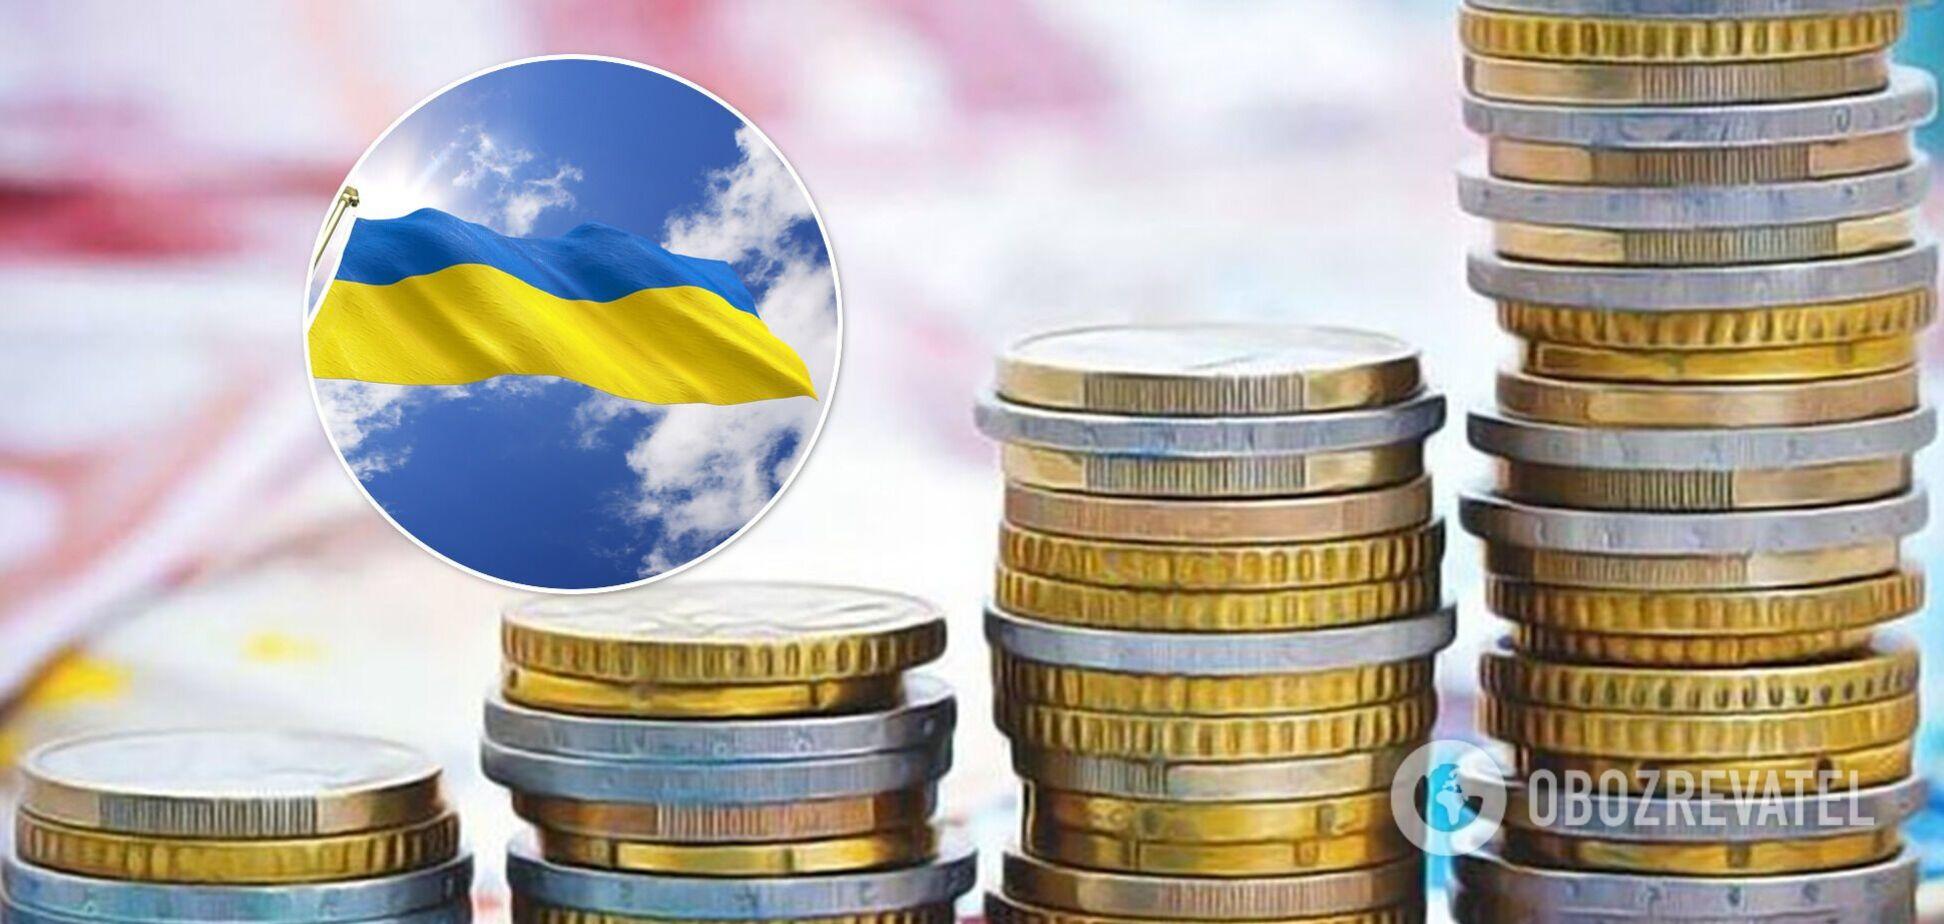 Украинская экономика может вырасти на 5% в 2021 году: названы условия